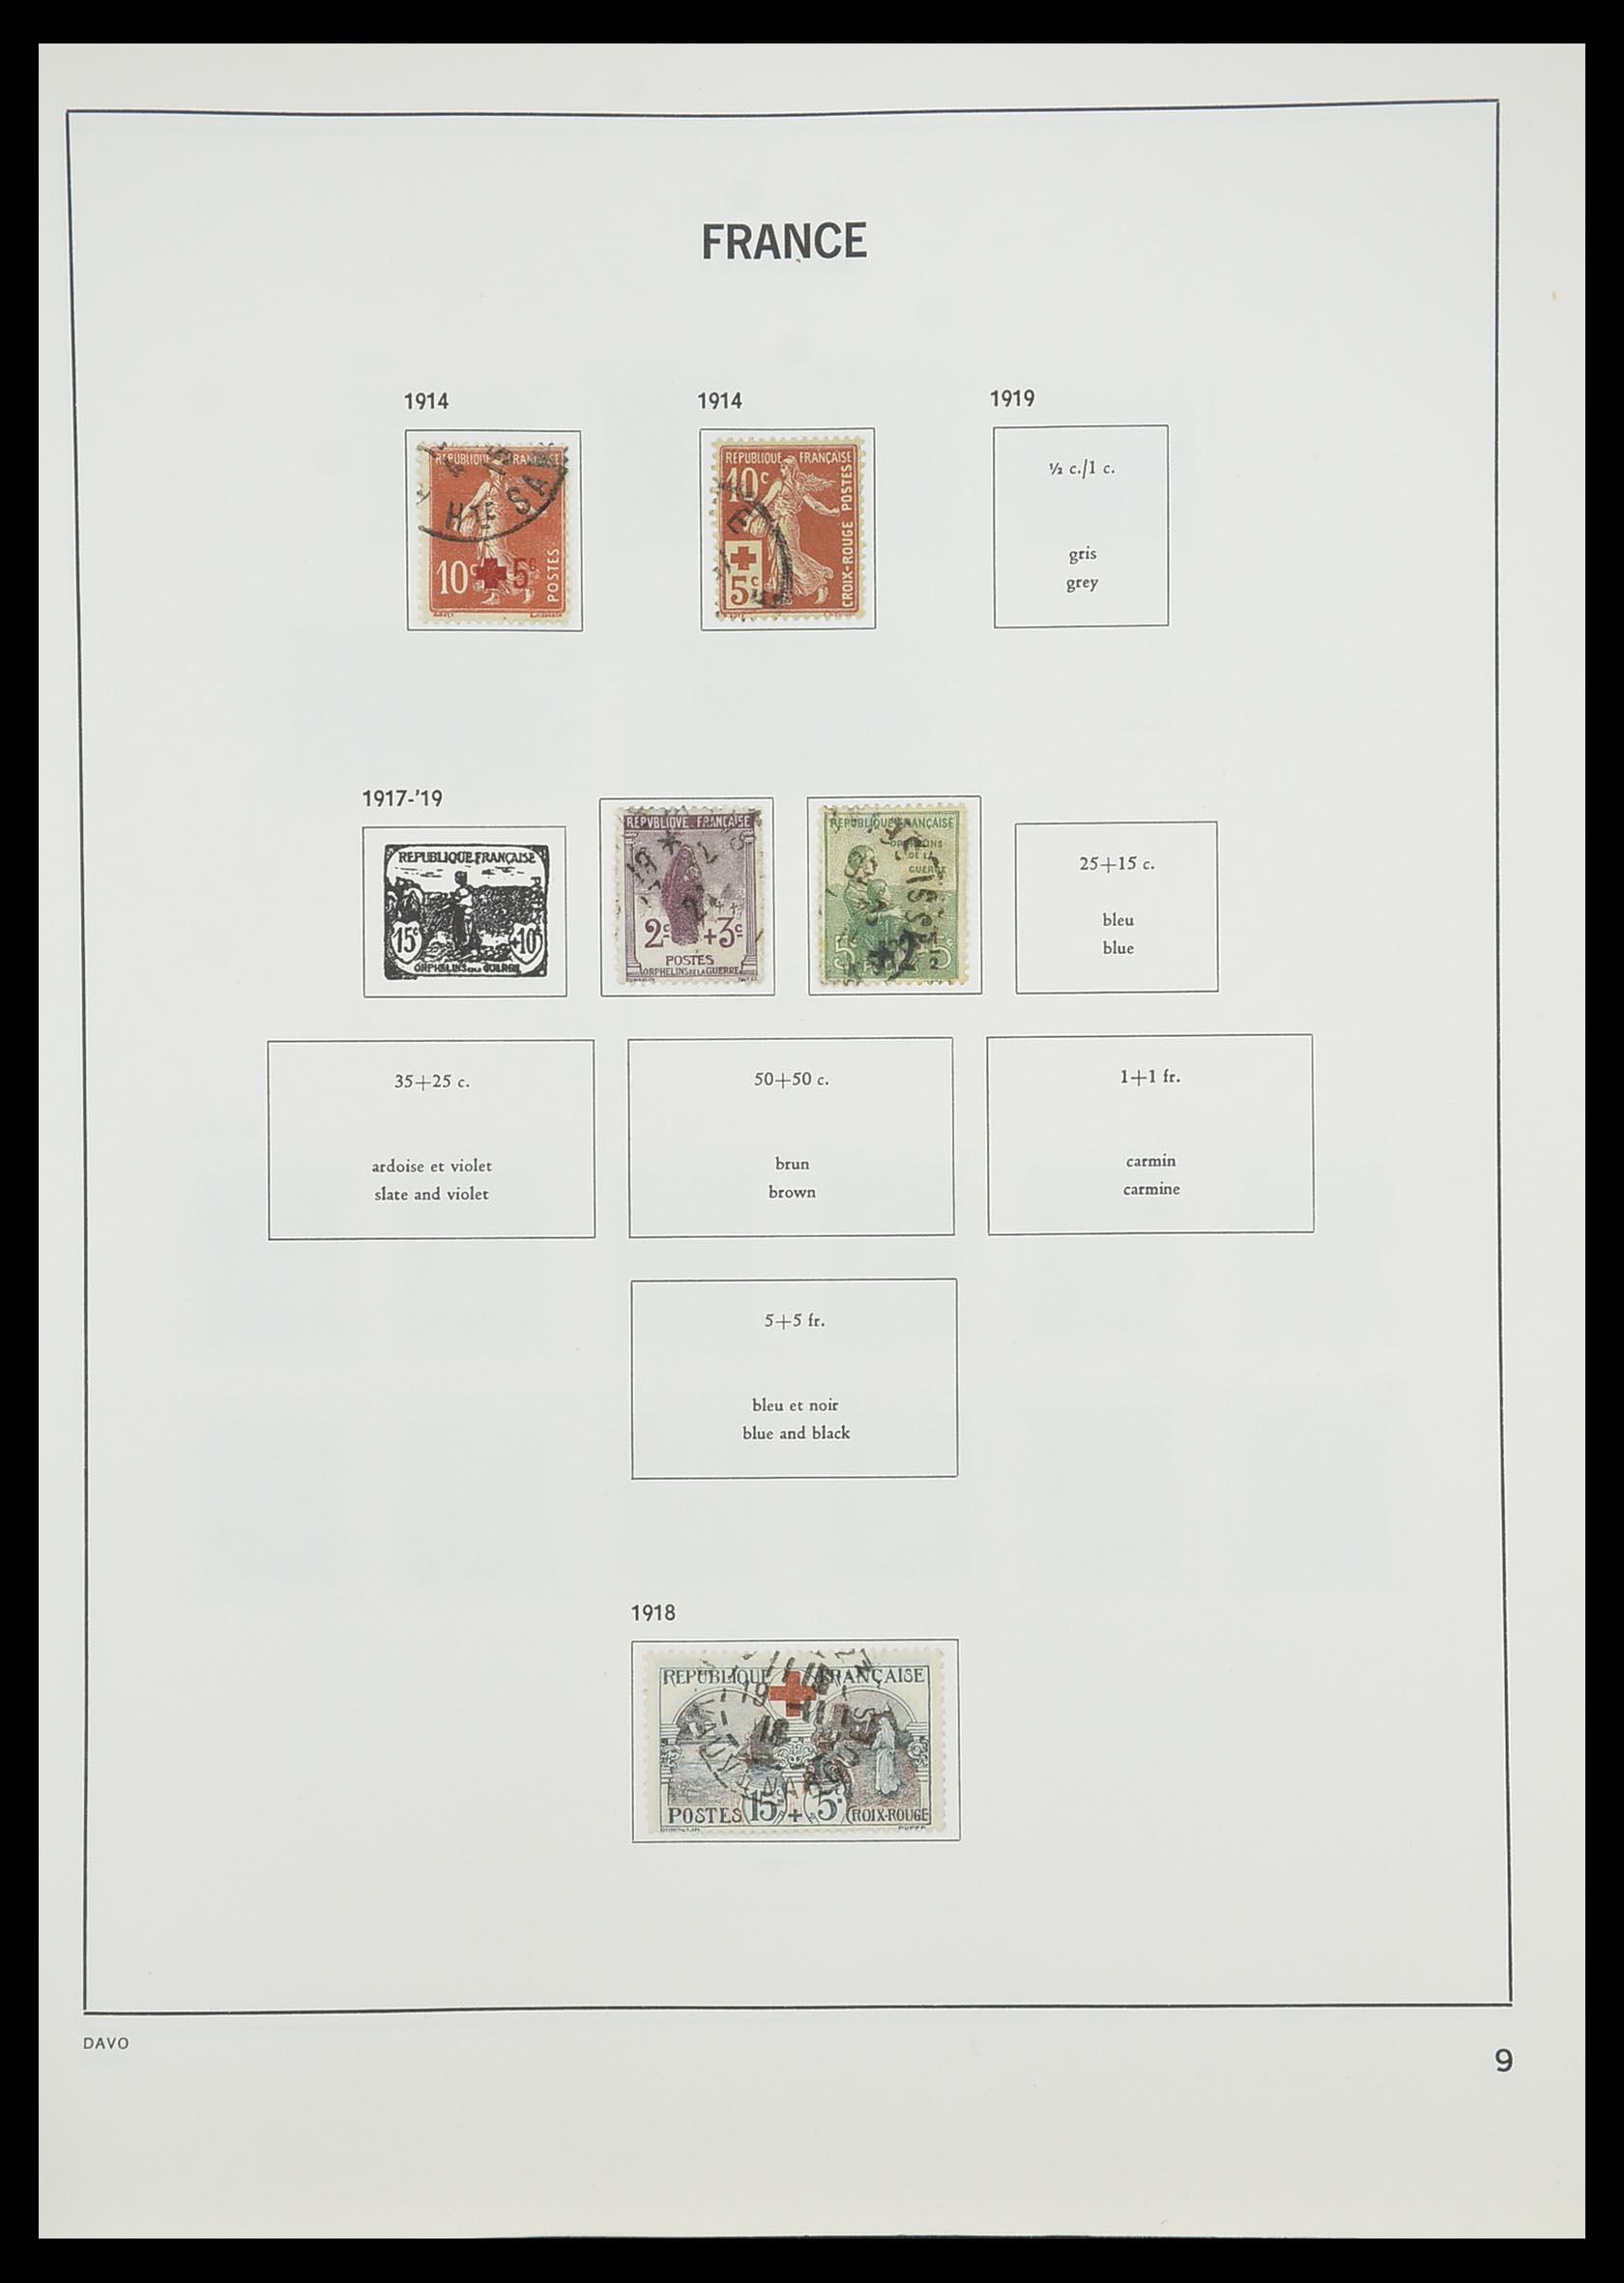 33819 011 - Postzegelverzameling 33819 Frankrijk 1849-1988.